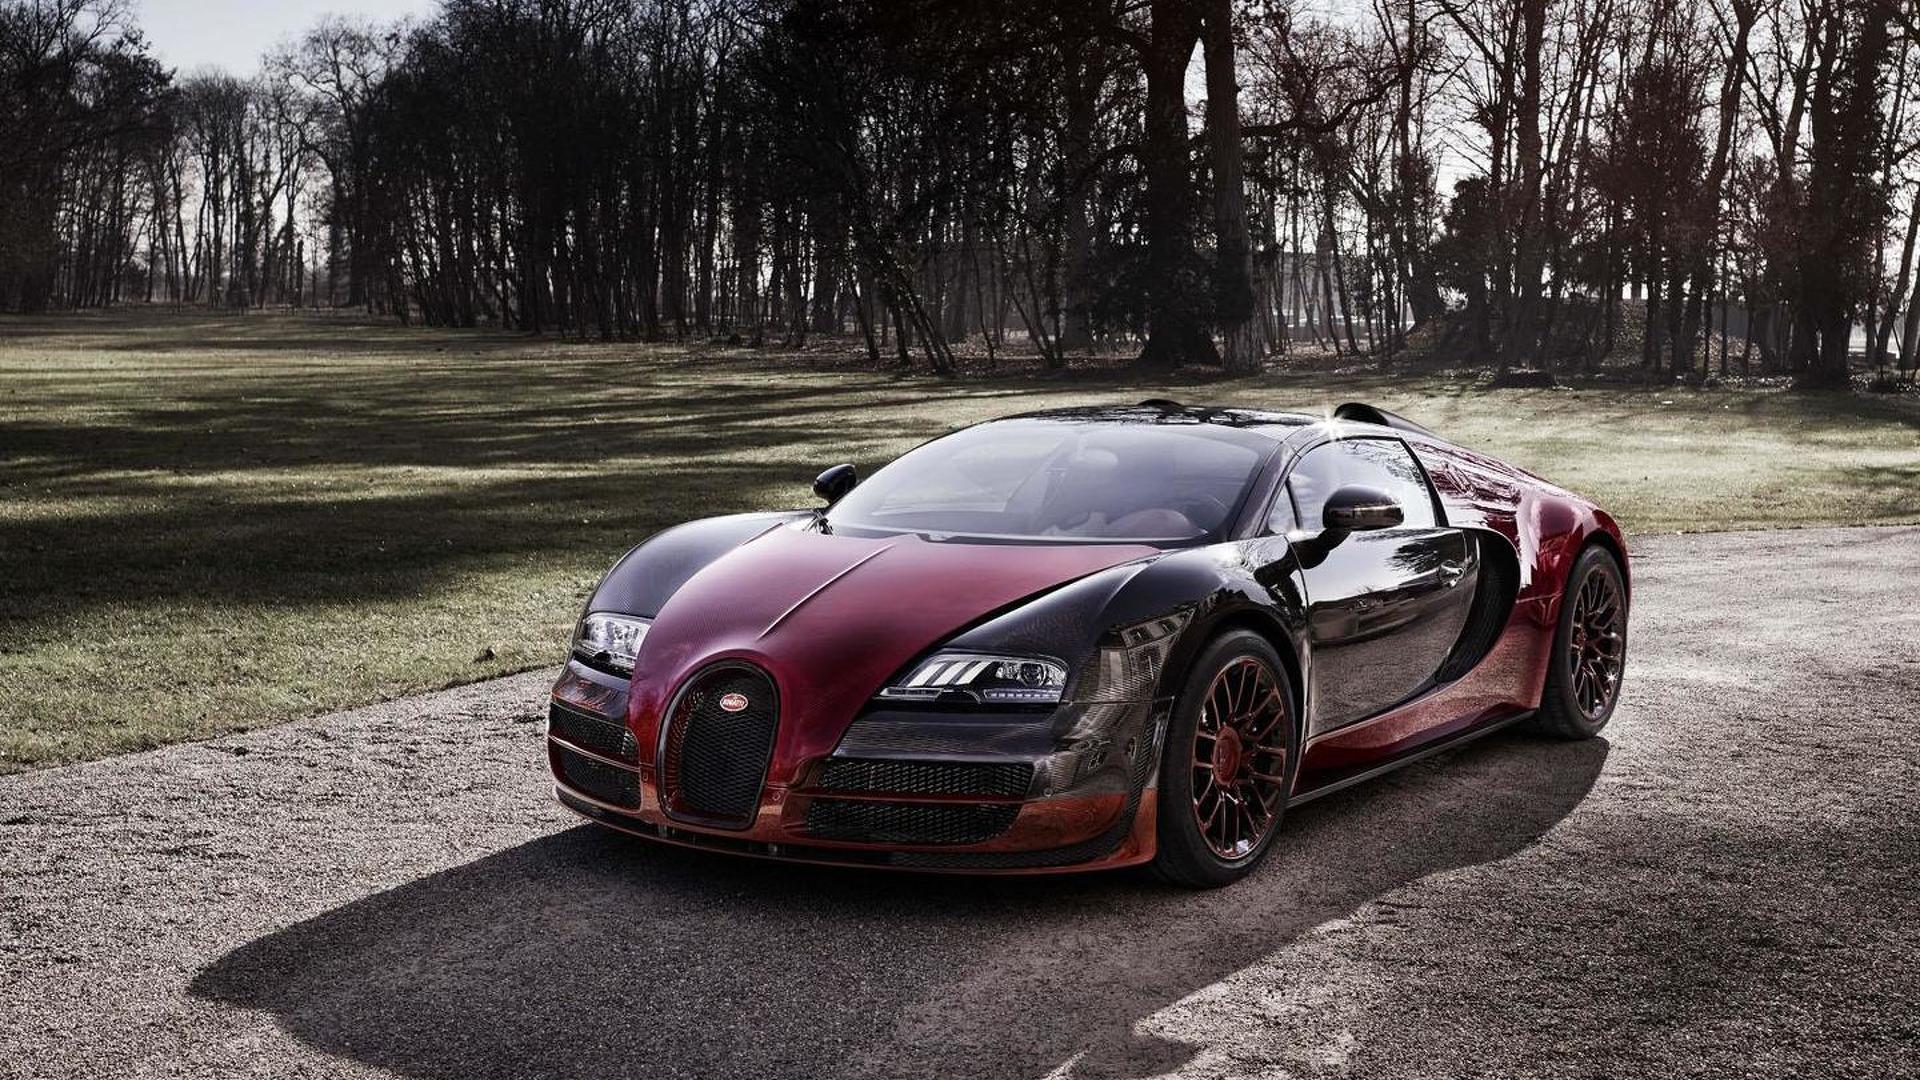 2015-548321-bugatti-veyron-grand-sport-vitesse-la-finale1 Astounding Xe Bugatti Veyron Grand Sport Vitesse Cars Trend